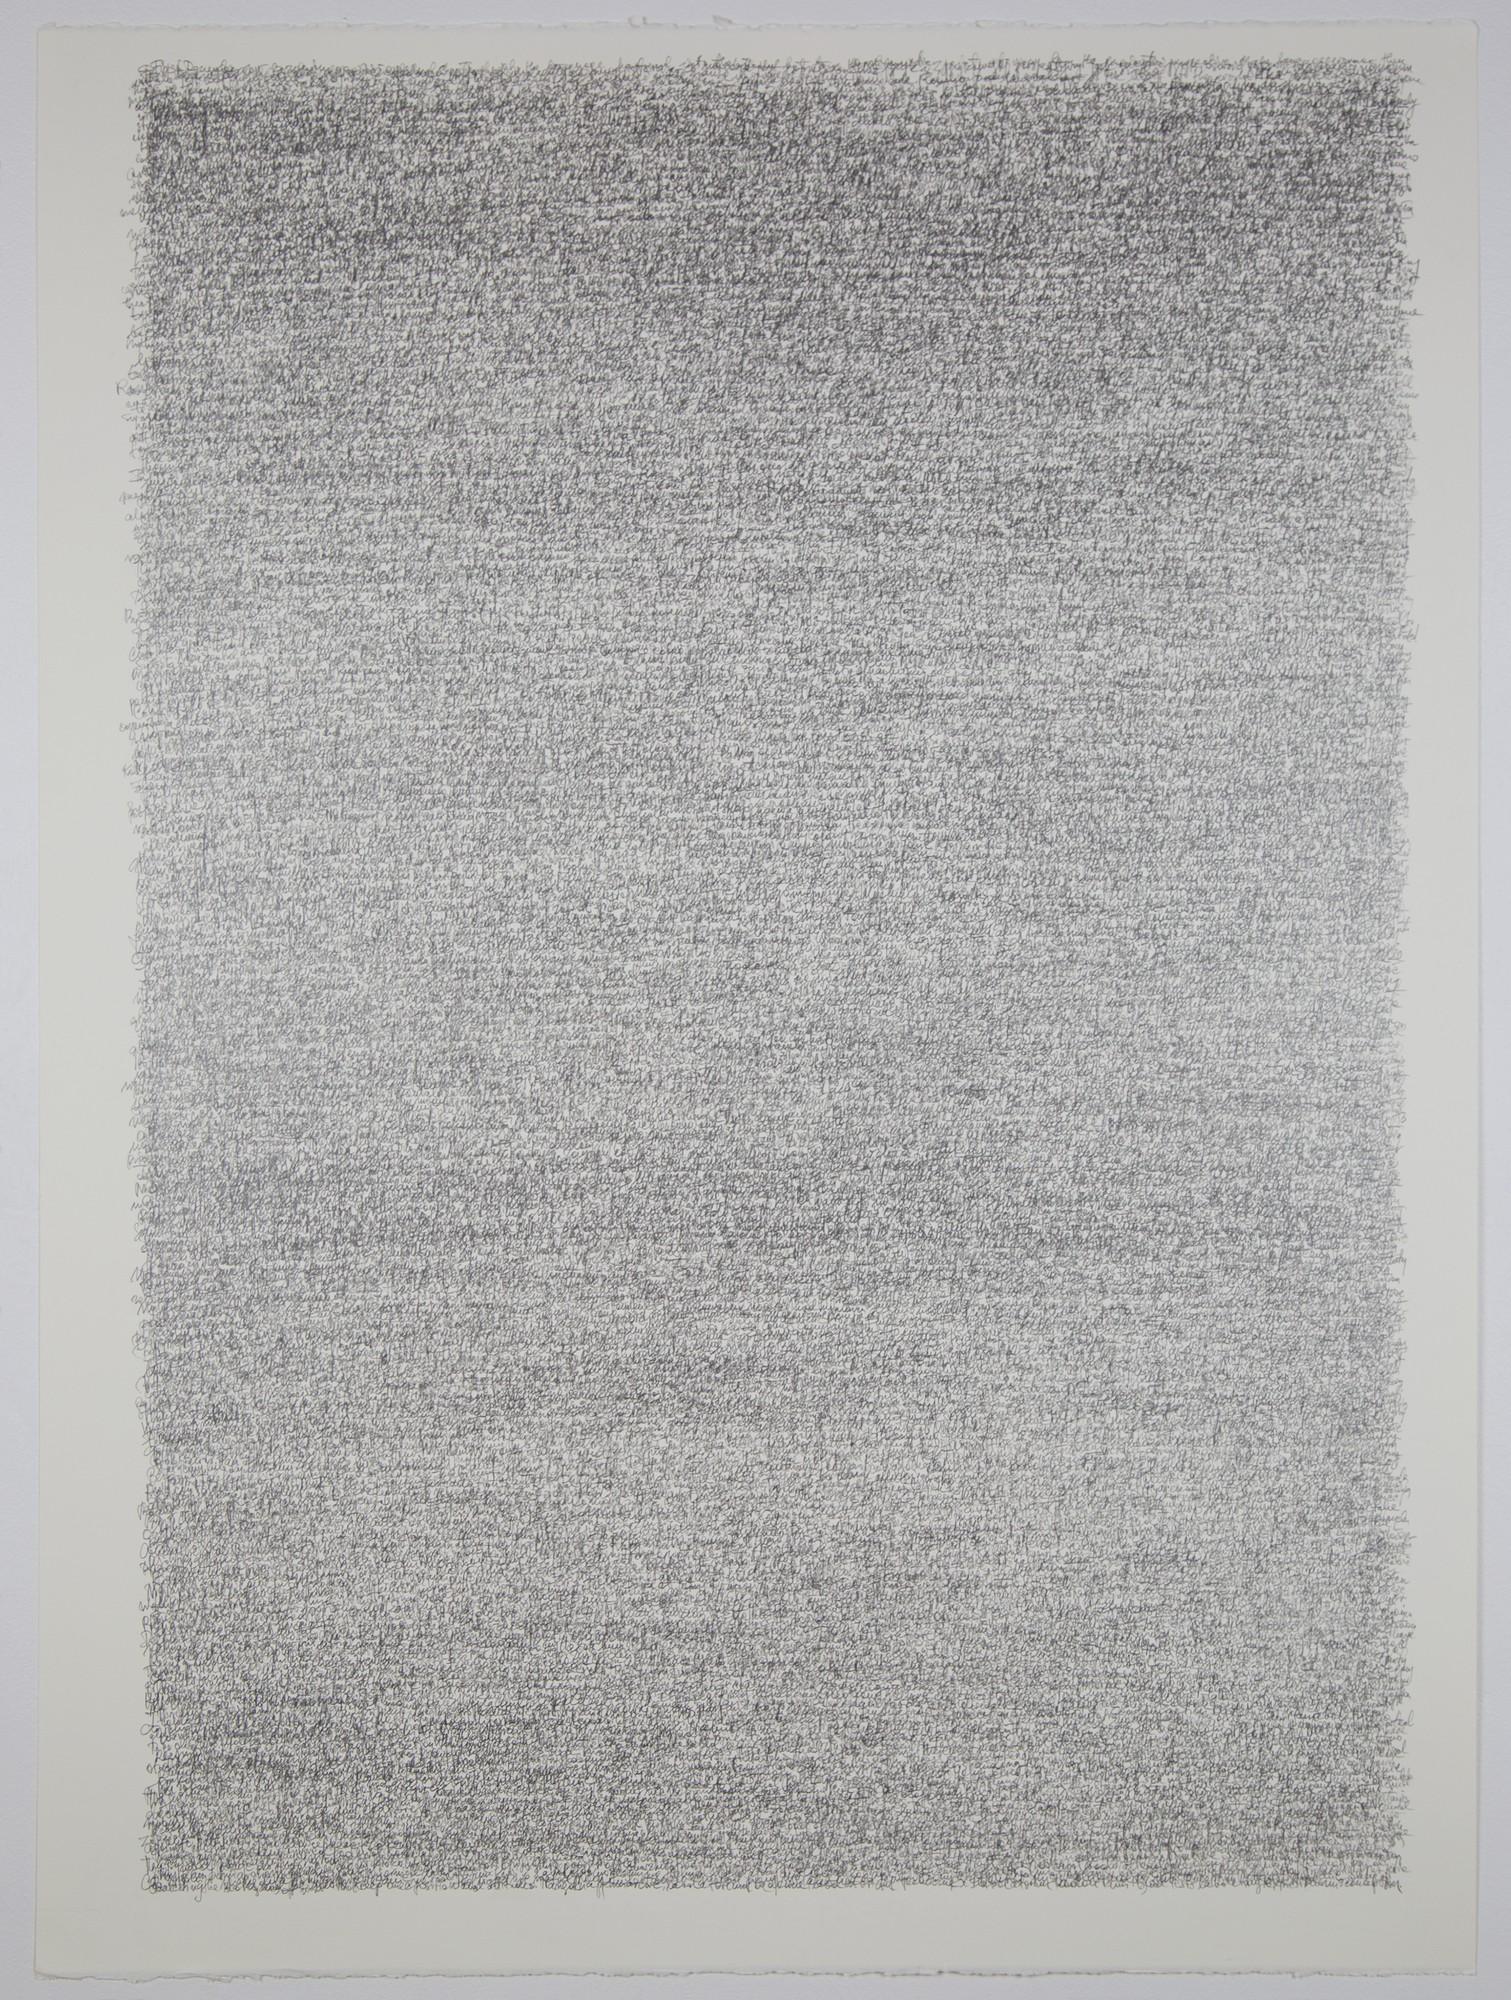 """Małgorzata Dawidek, """"Black"""", 2016, dzięki uprzejmości artystki (źródło: materiały prasowe organizatora wystawy)"""